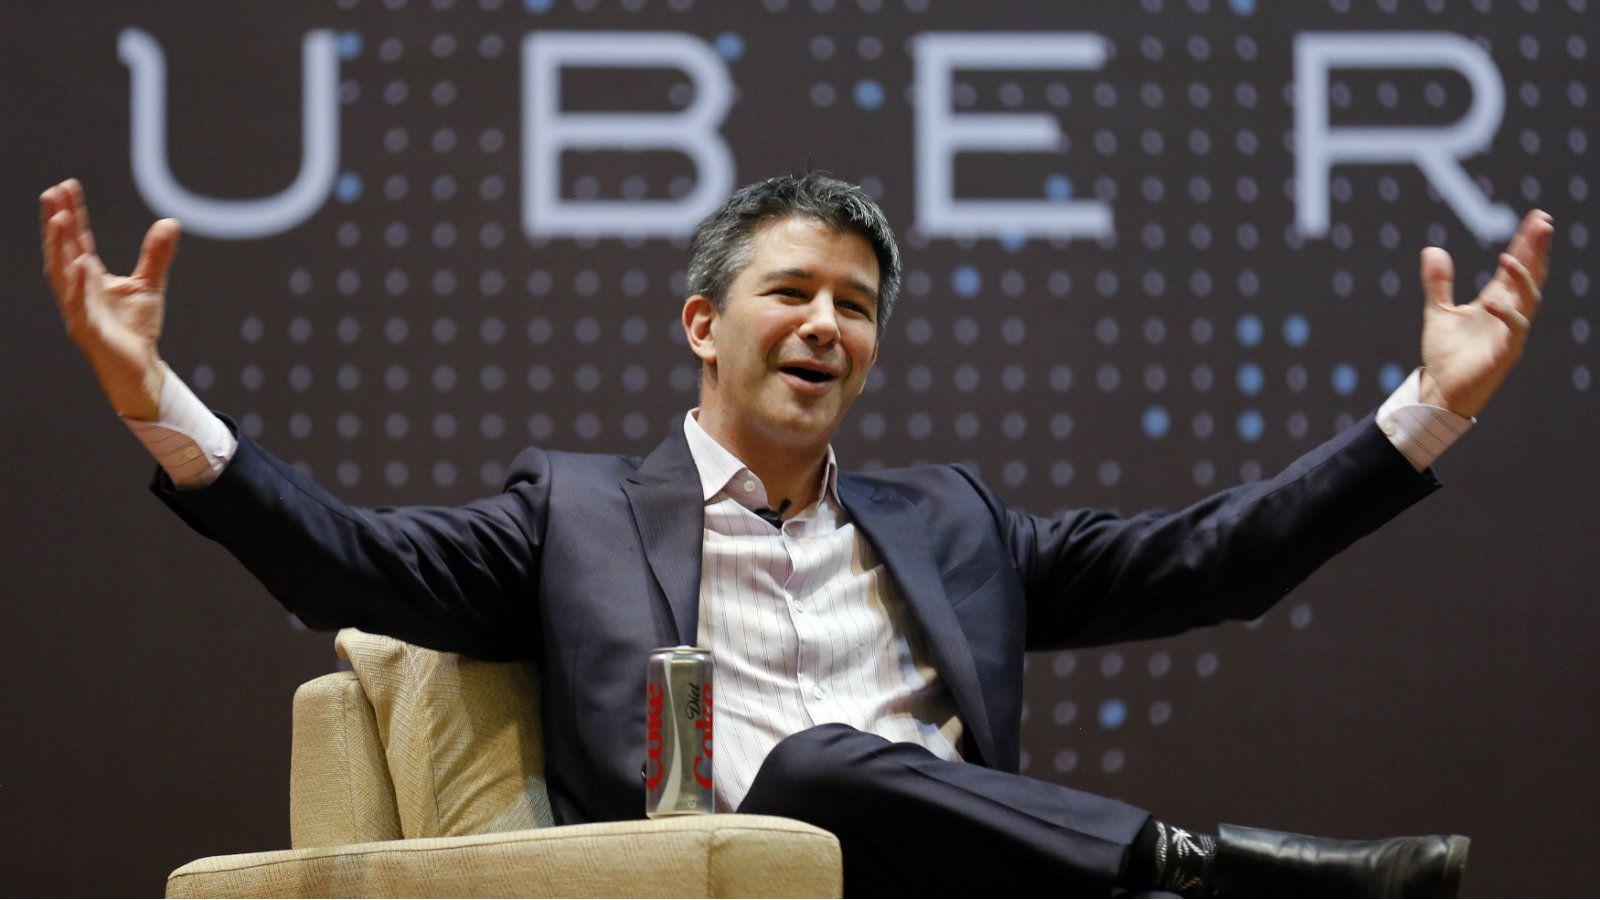 Travis Kalanick abandona o posto de CEO da empresa — Uber